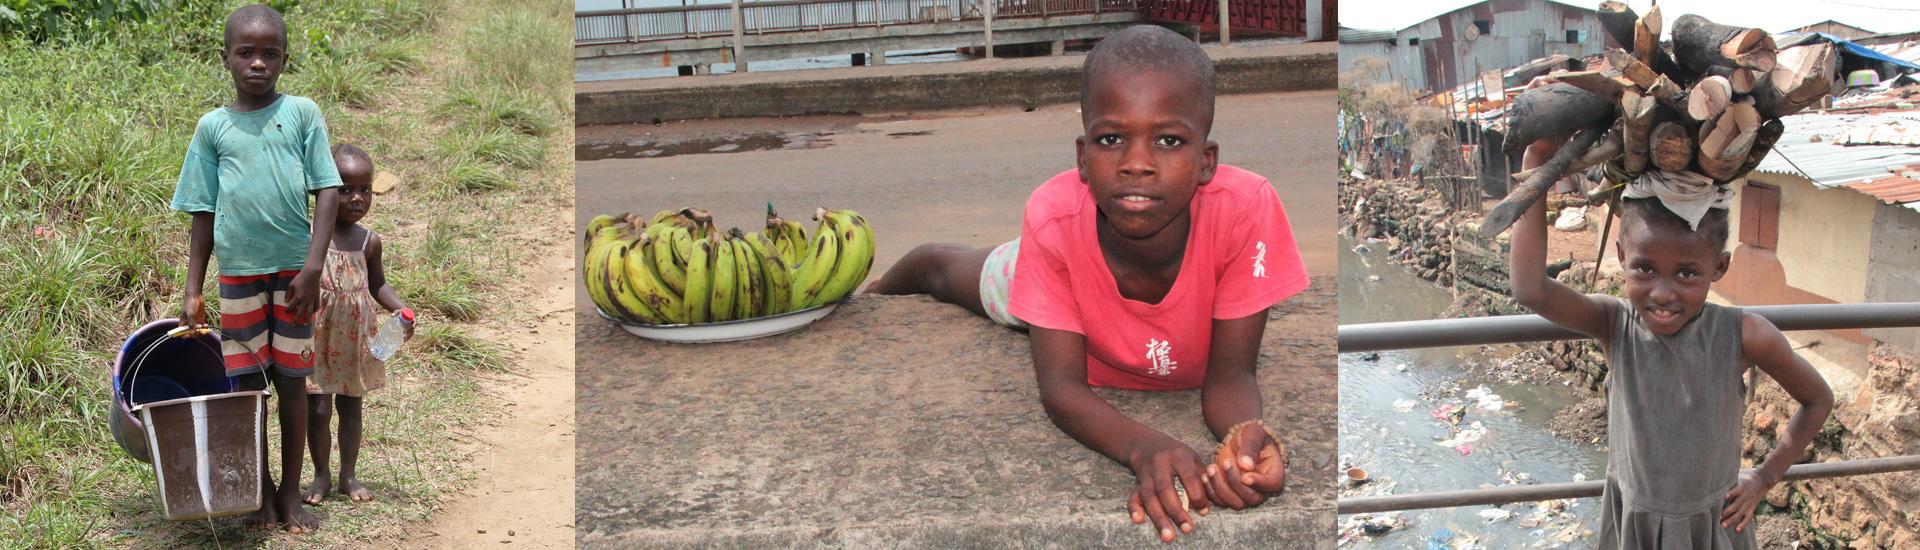 El trabajo infantil esclaviza a más de 150 menores en el mundo